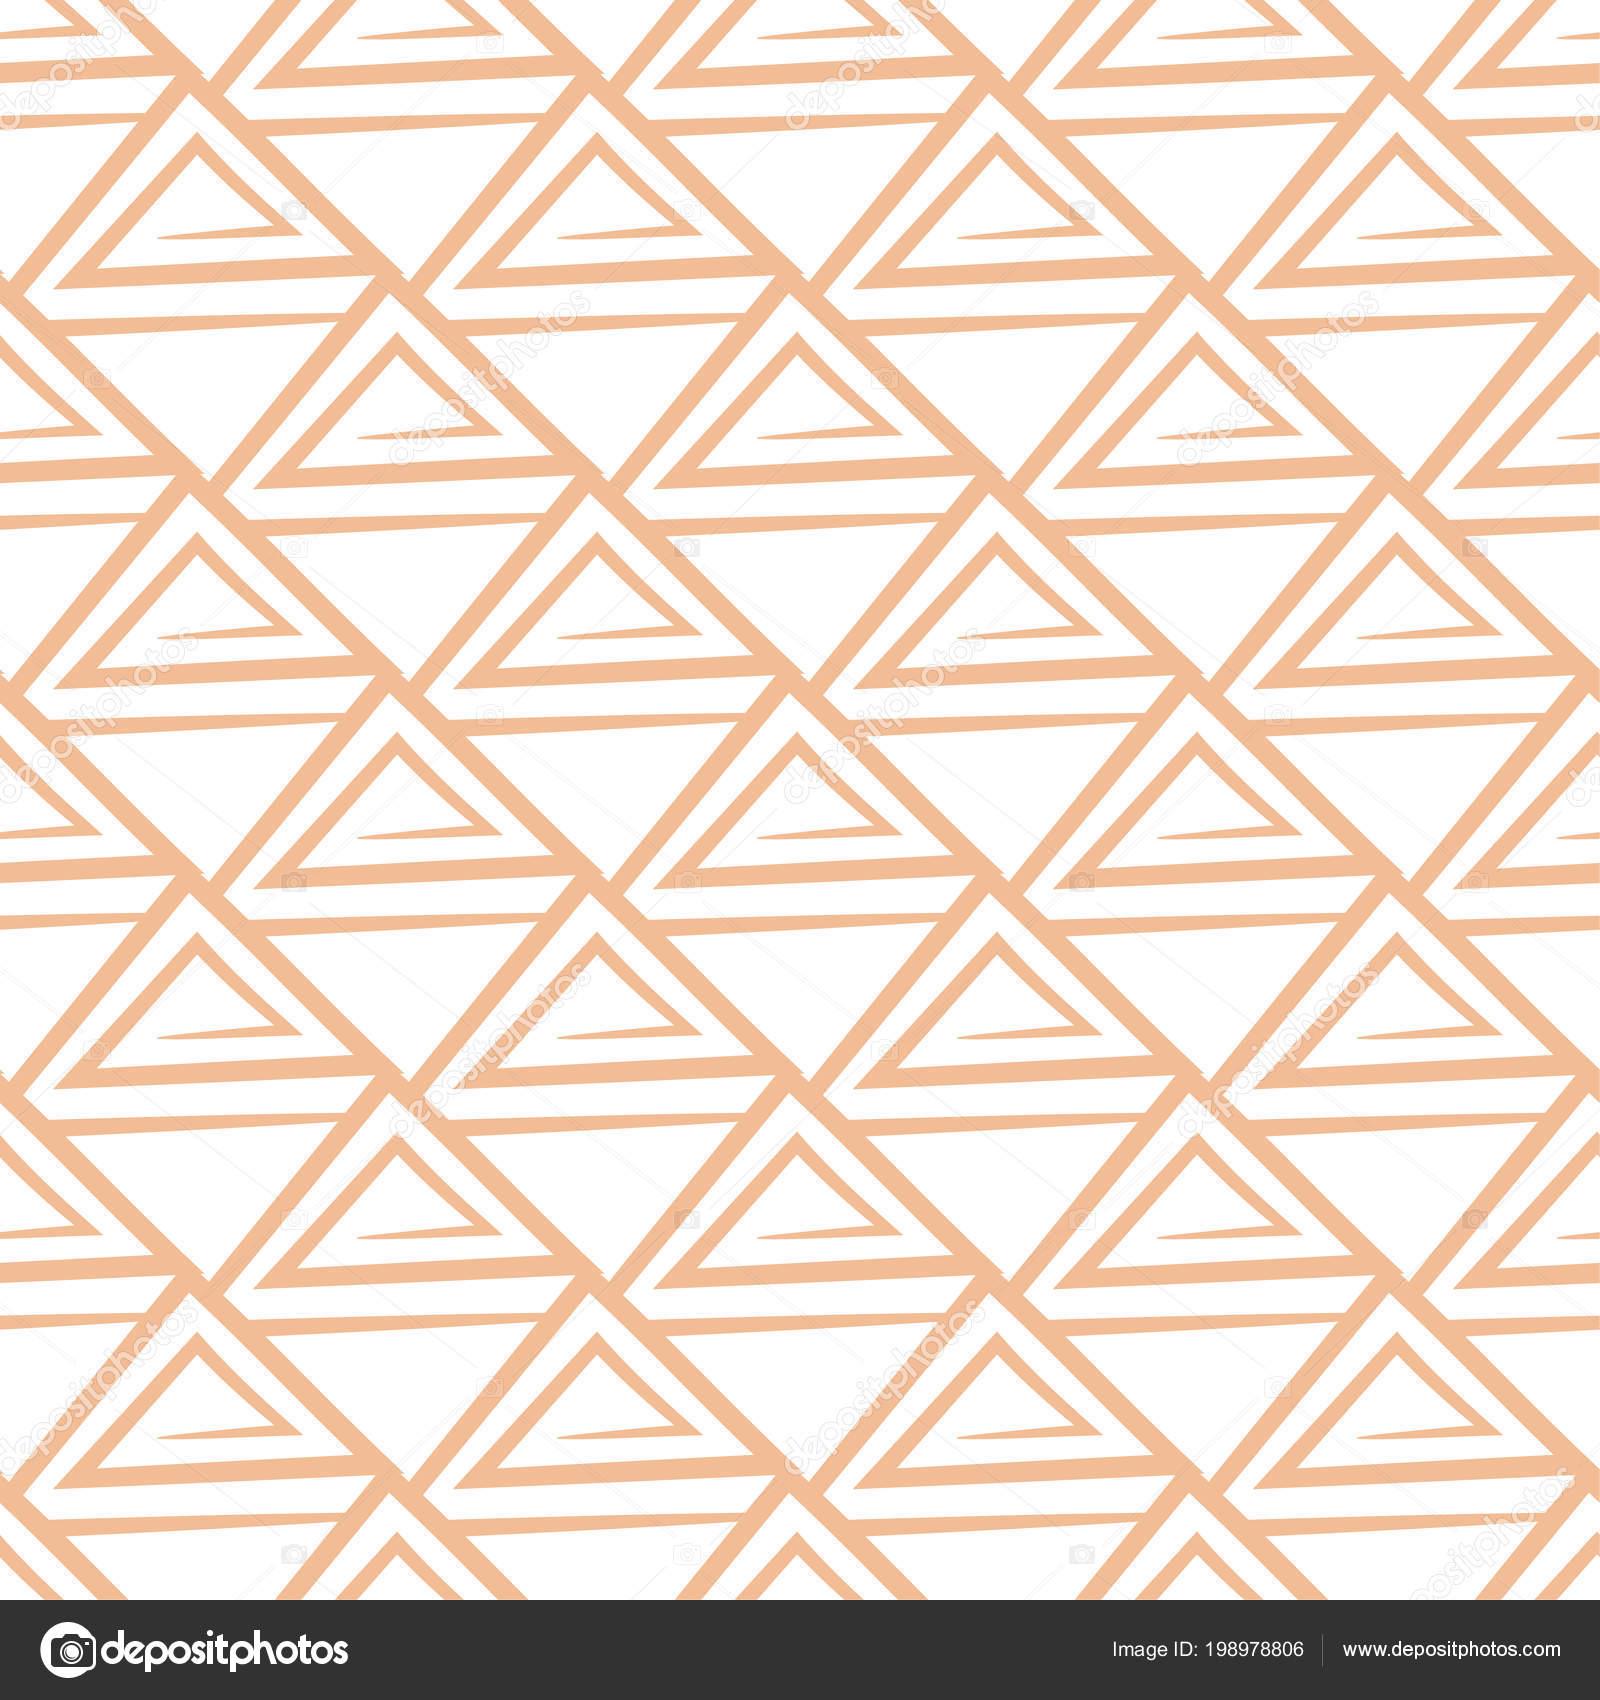 Nahtlose Muster Braun Beige Und Weißen Hintergrund Für Textilien Tapeten U2014  Stockvektor